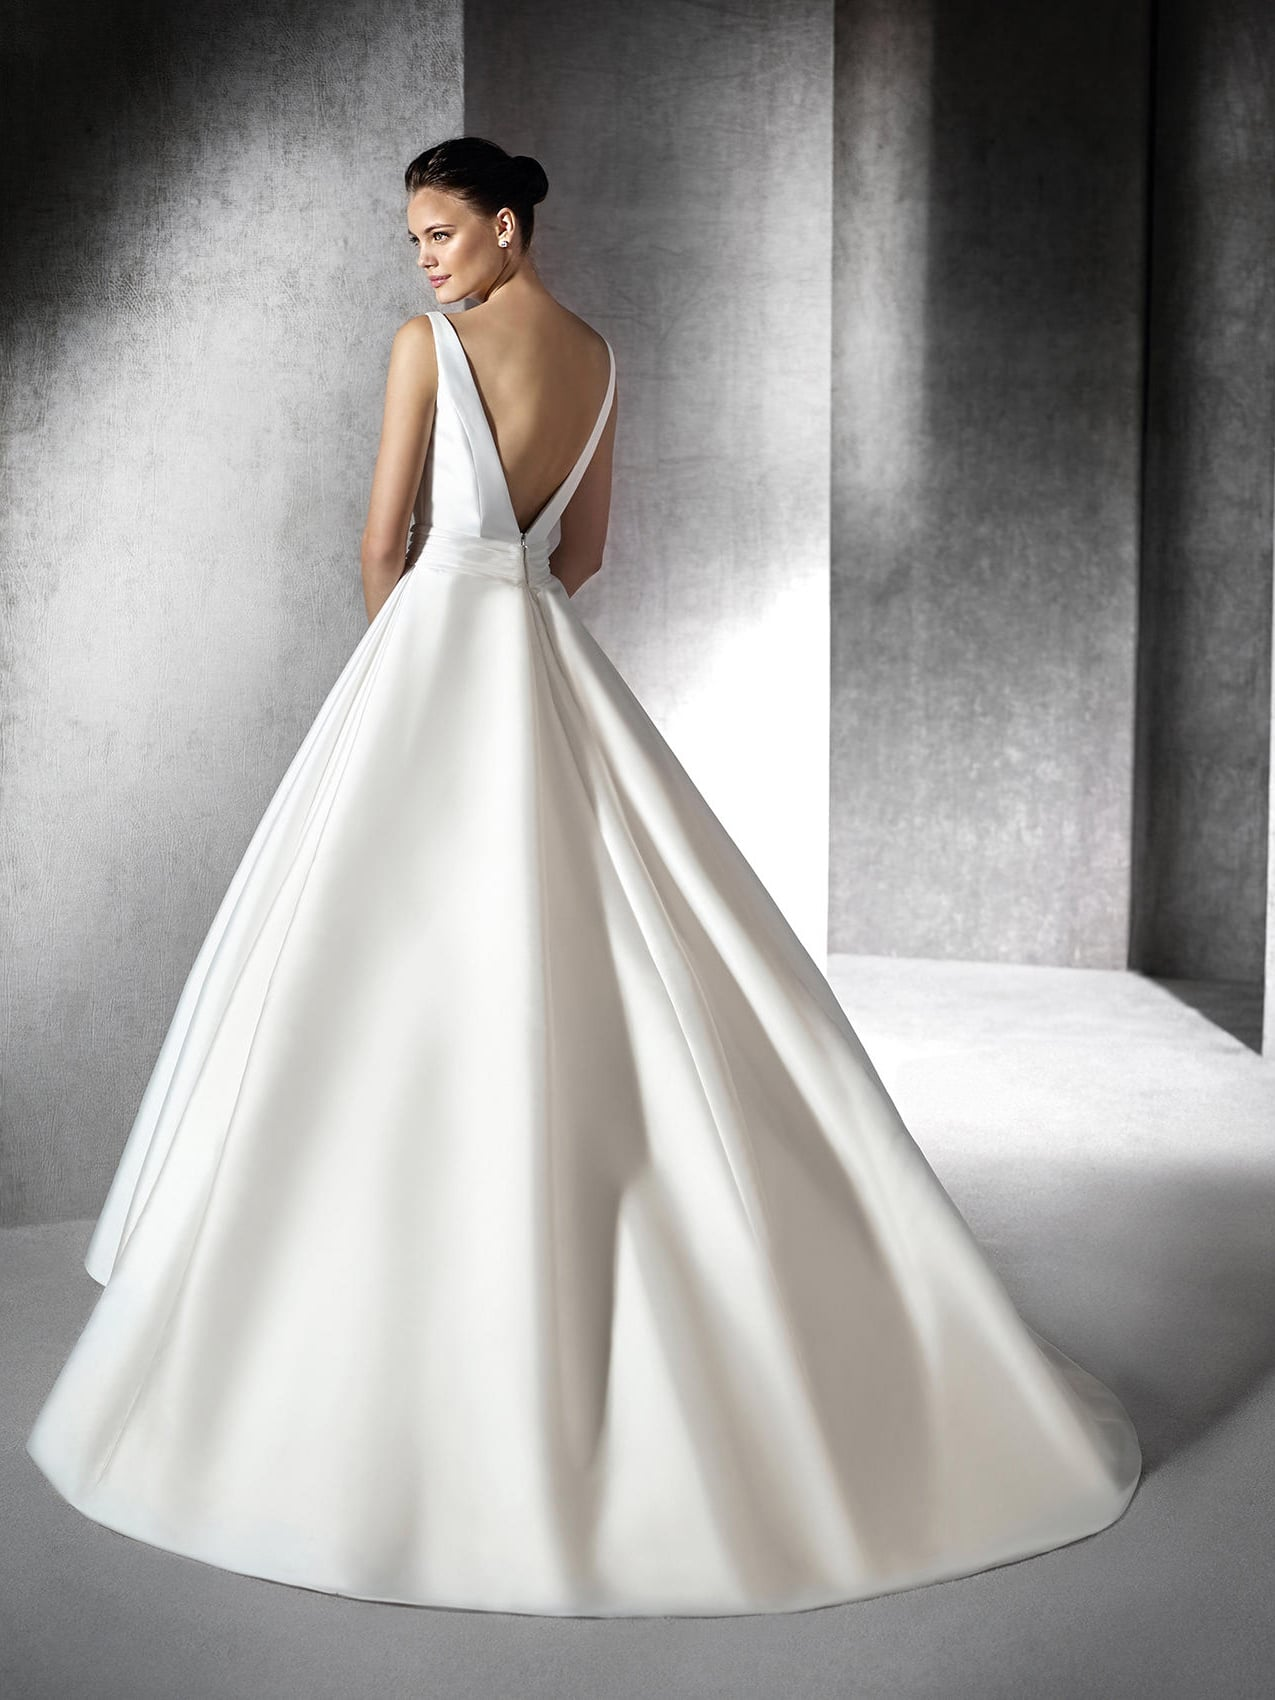 небольшие, свадебное платье из шелка фото уютный уголок